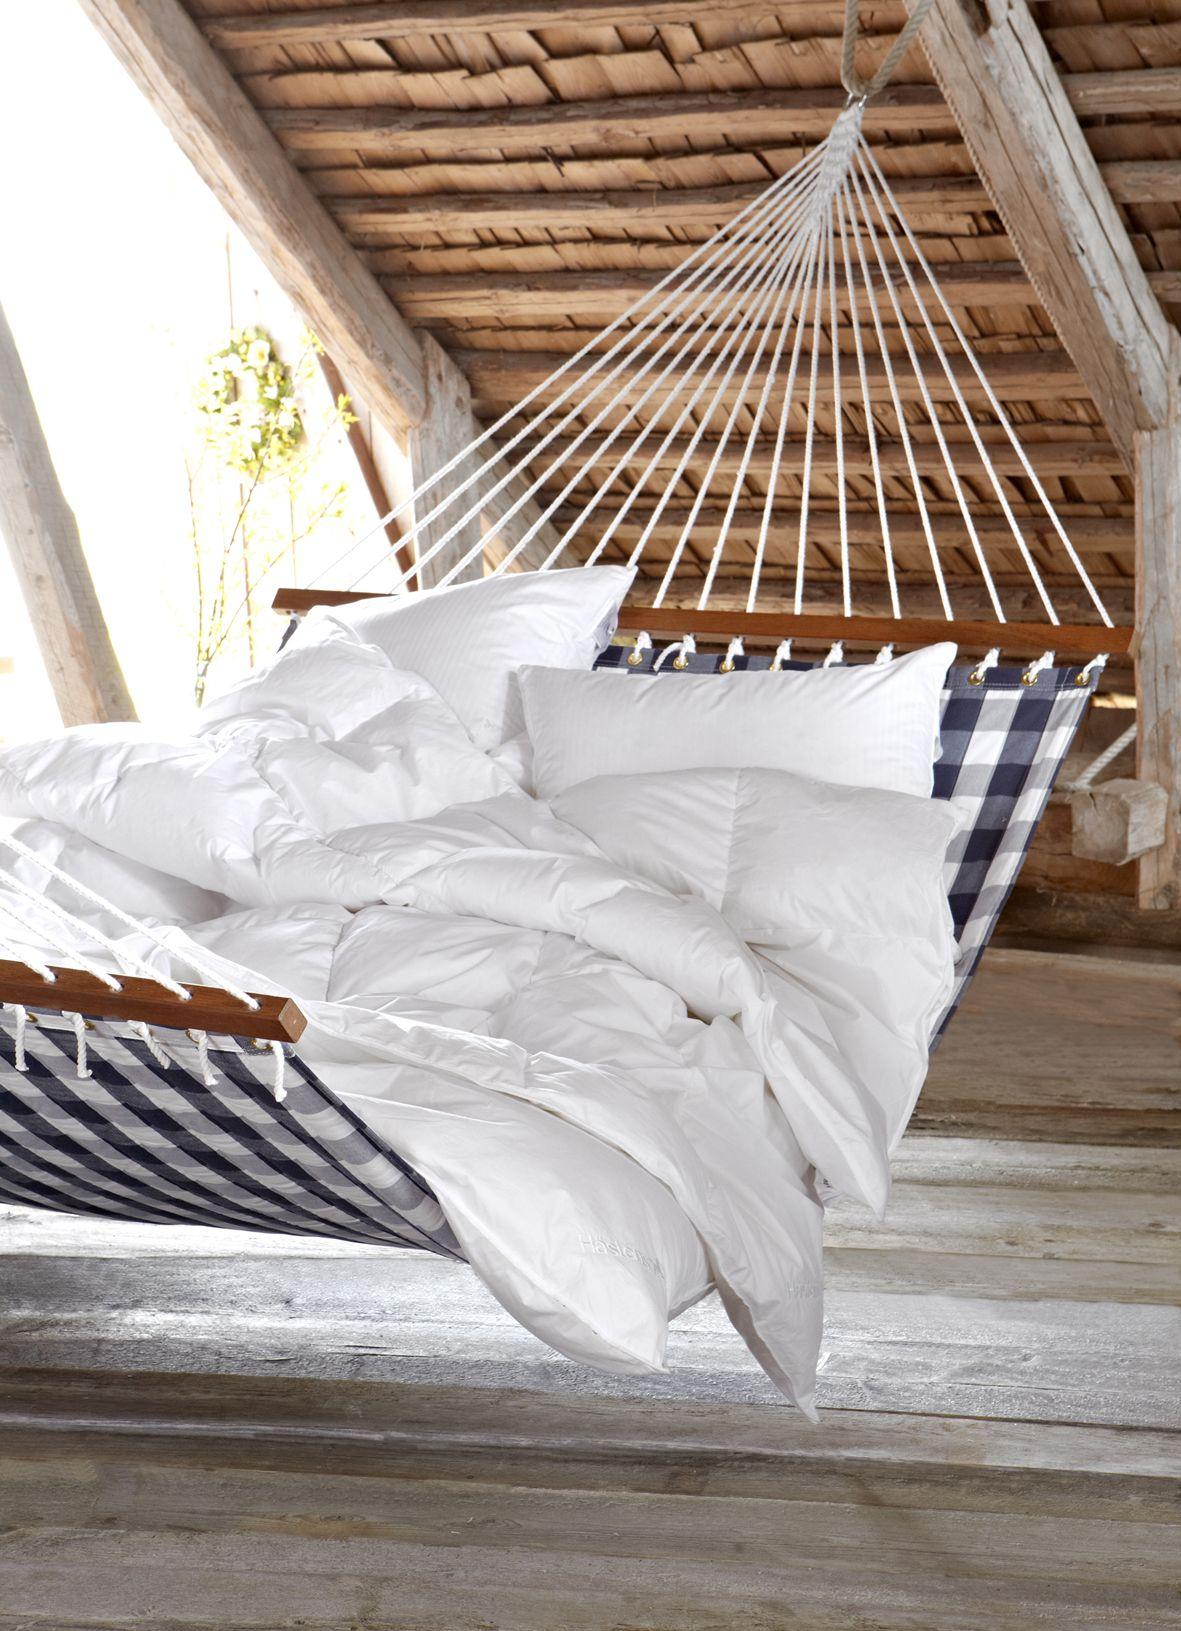 Hastens Sweden Hammock In Bedroom And Great Ceiling